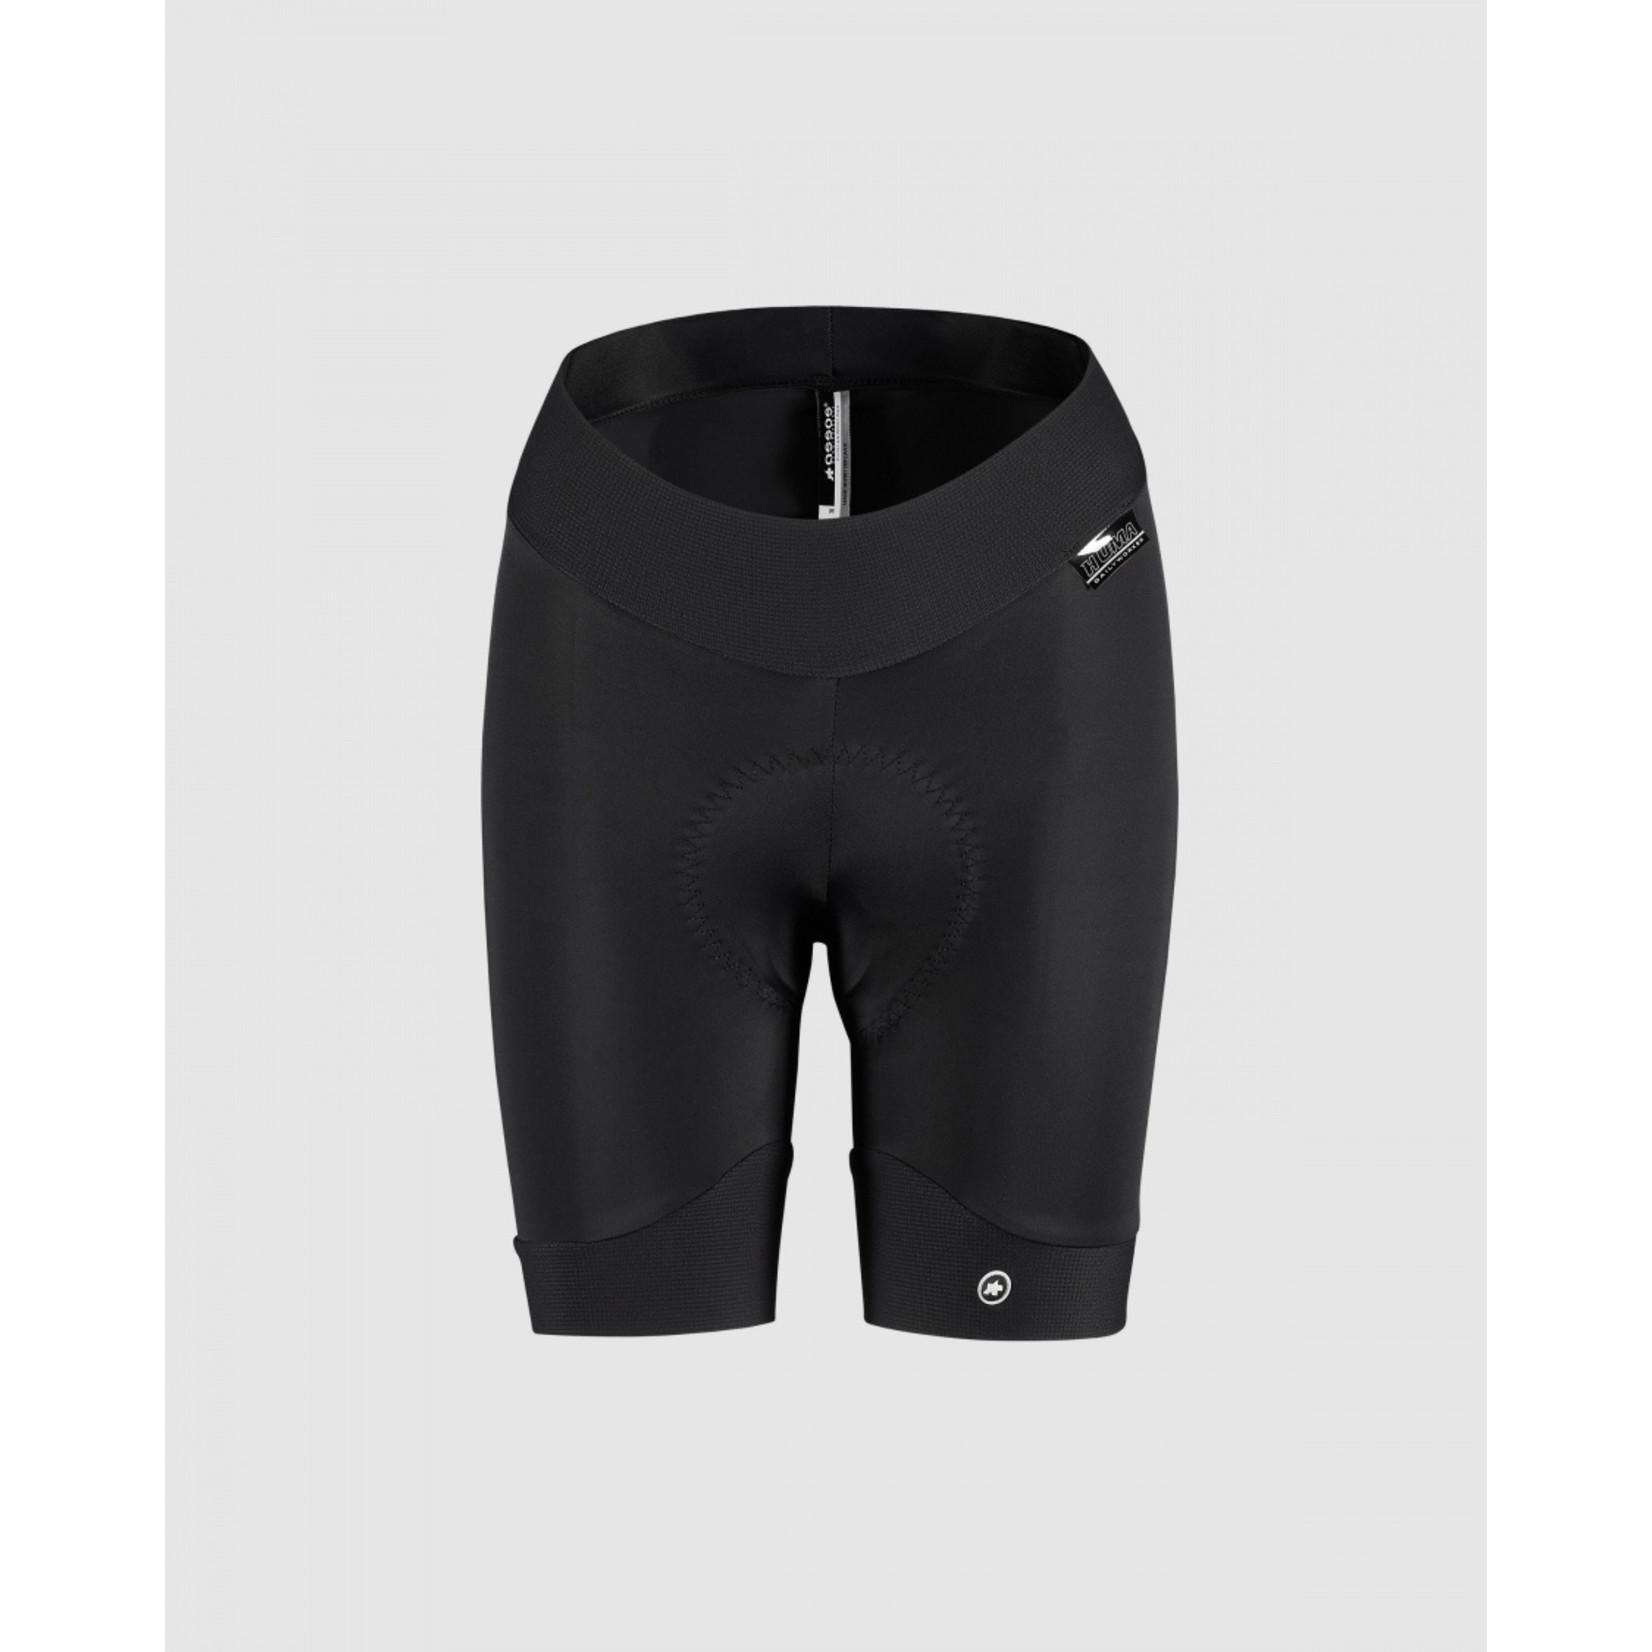 Assos UMA GT Half Shorts EVO